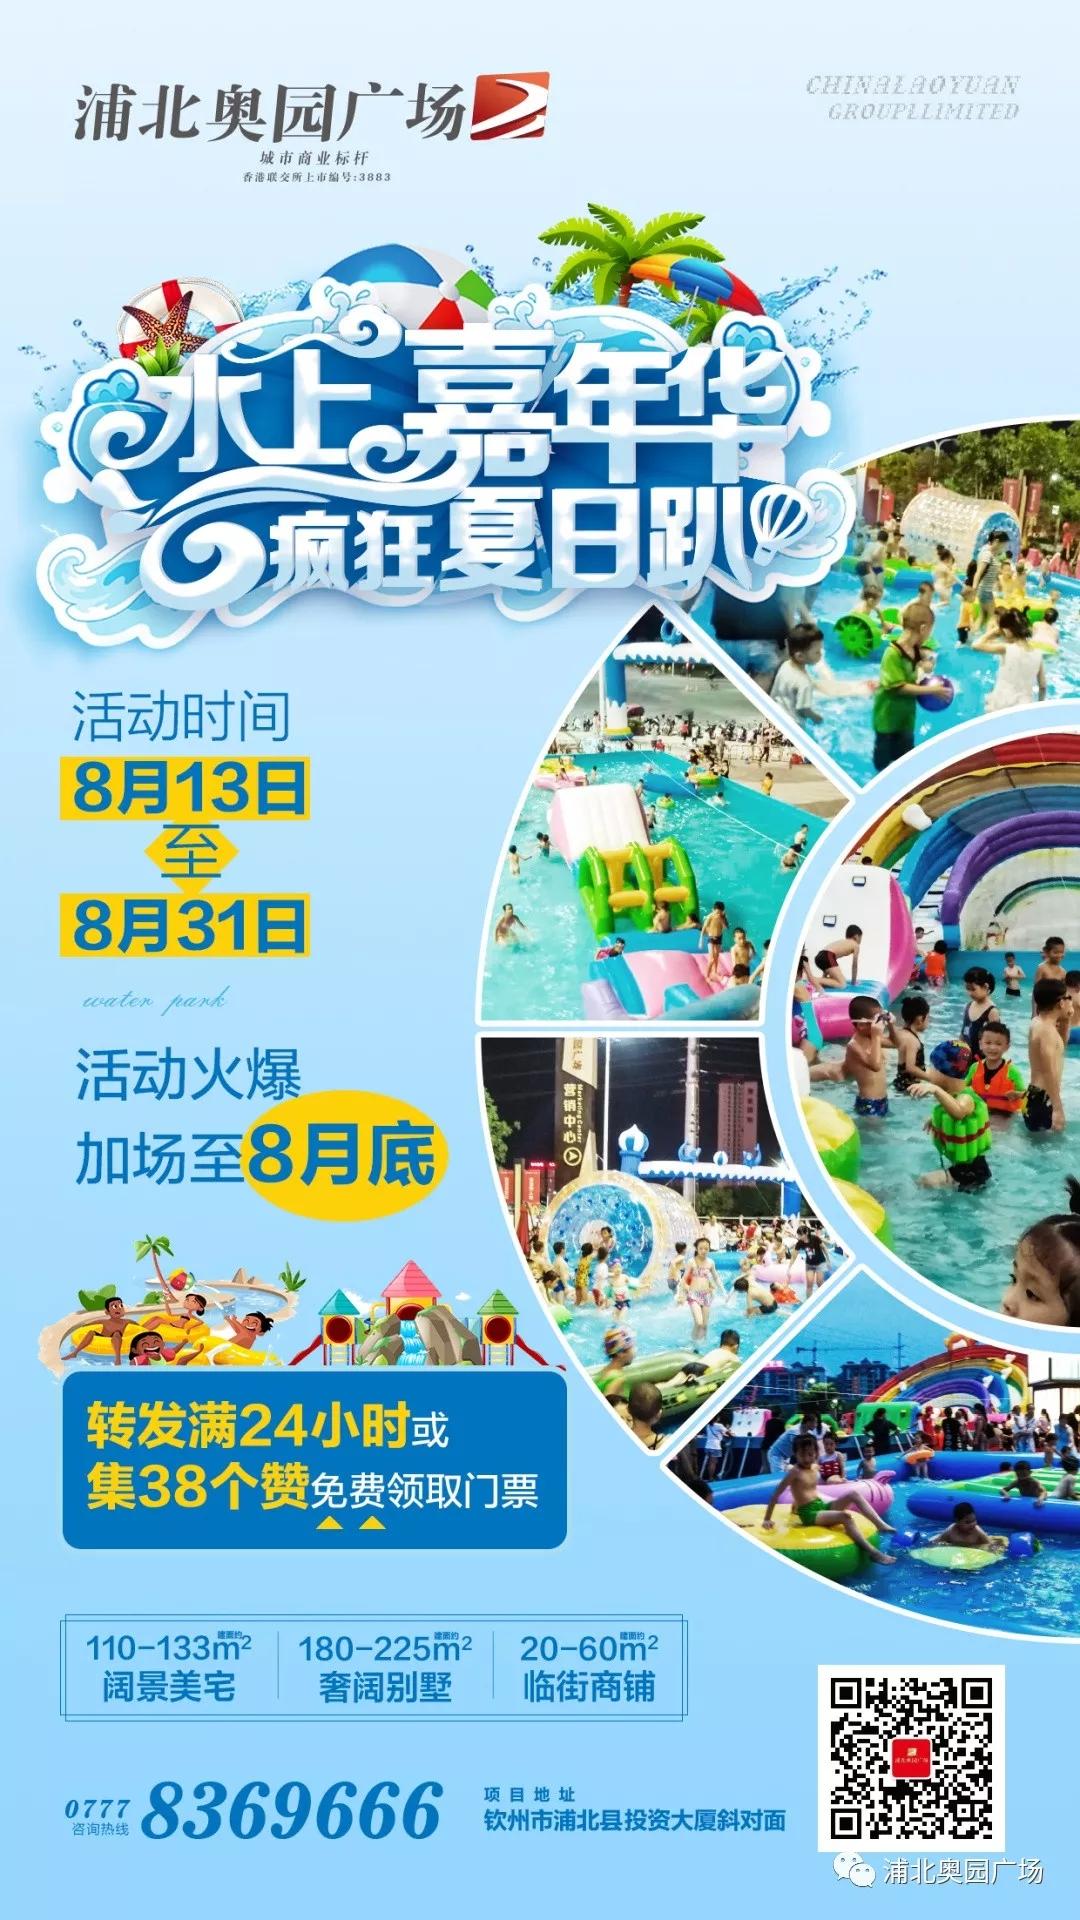 浦北奥园广场水上乐园活动火爆,紧急加场至8月31日!!